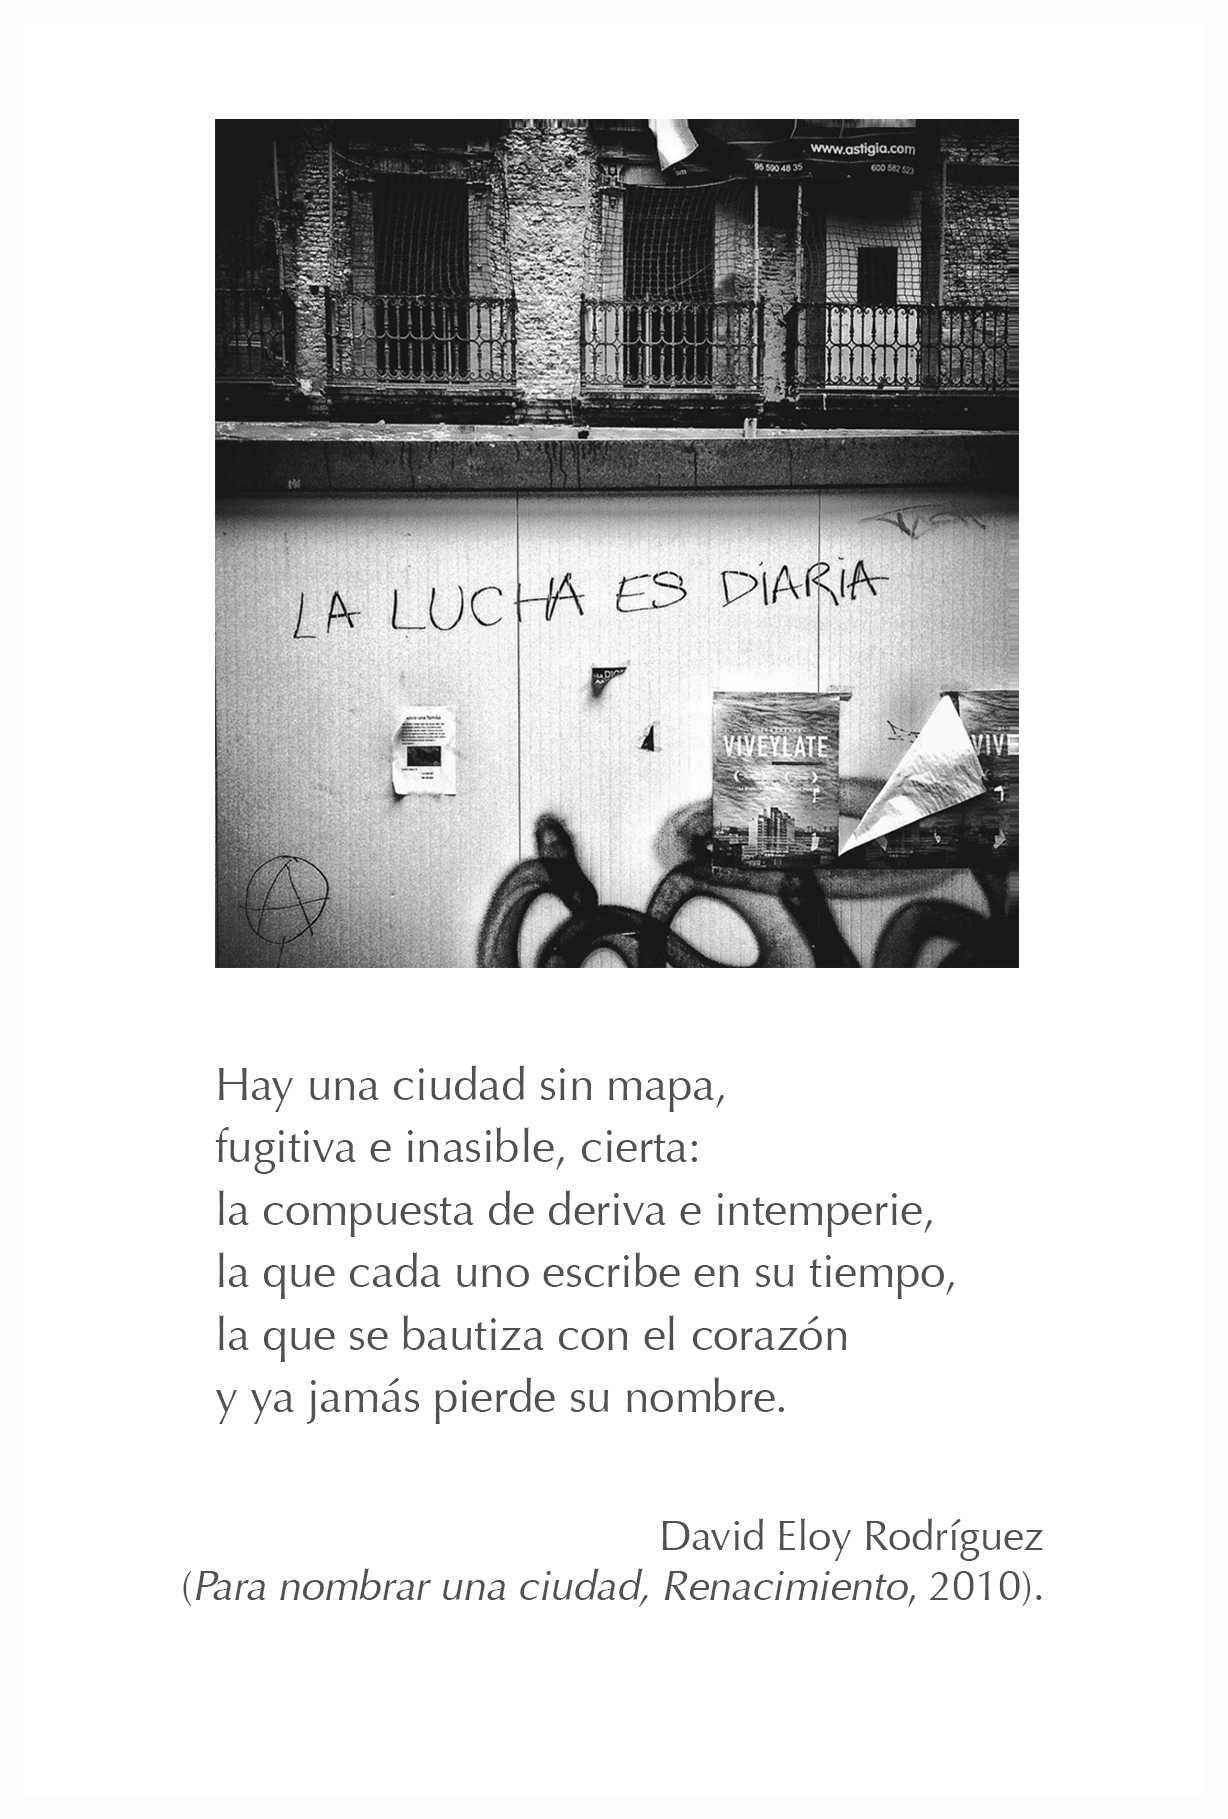 Poema de David Eloy Rodríguez